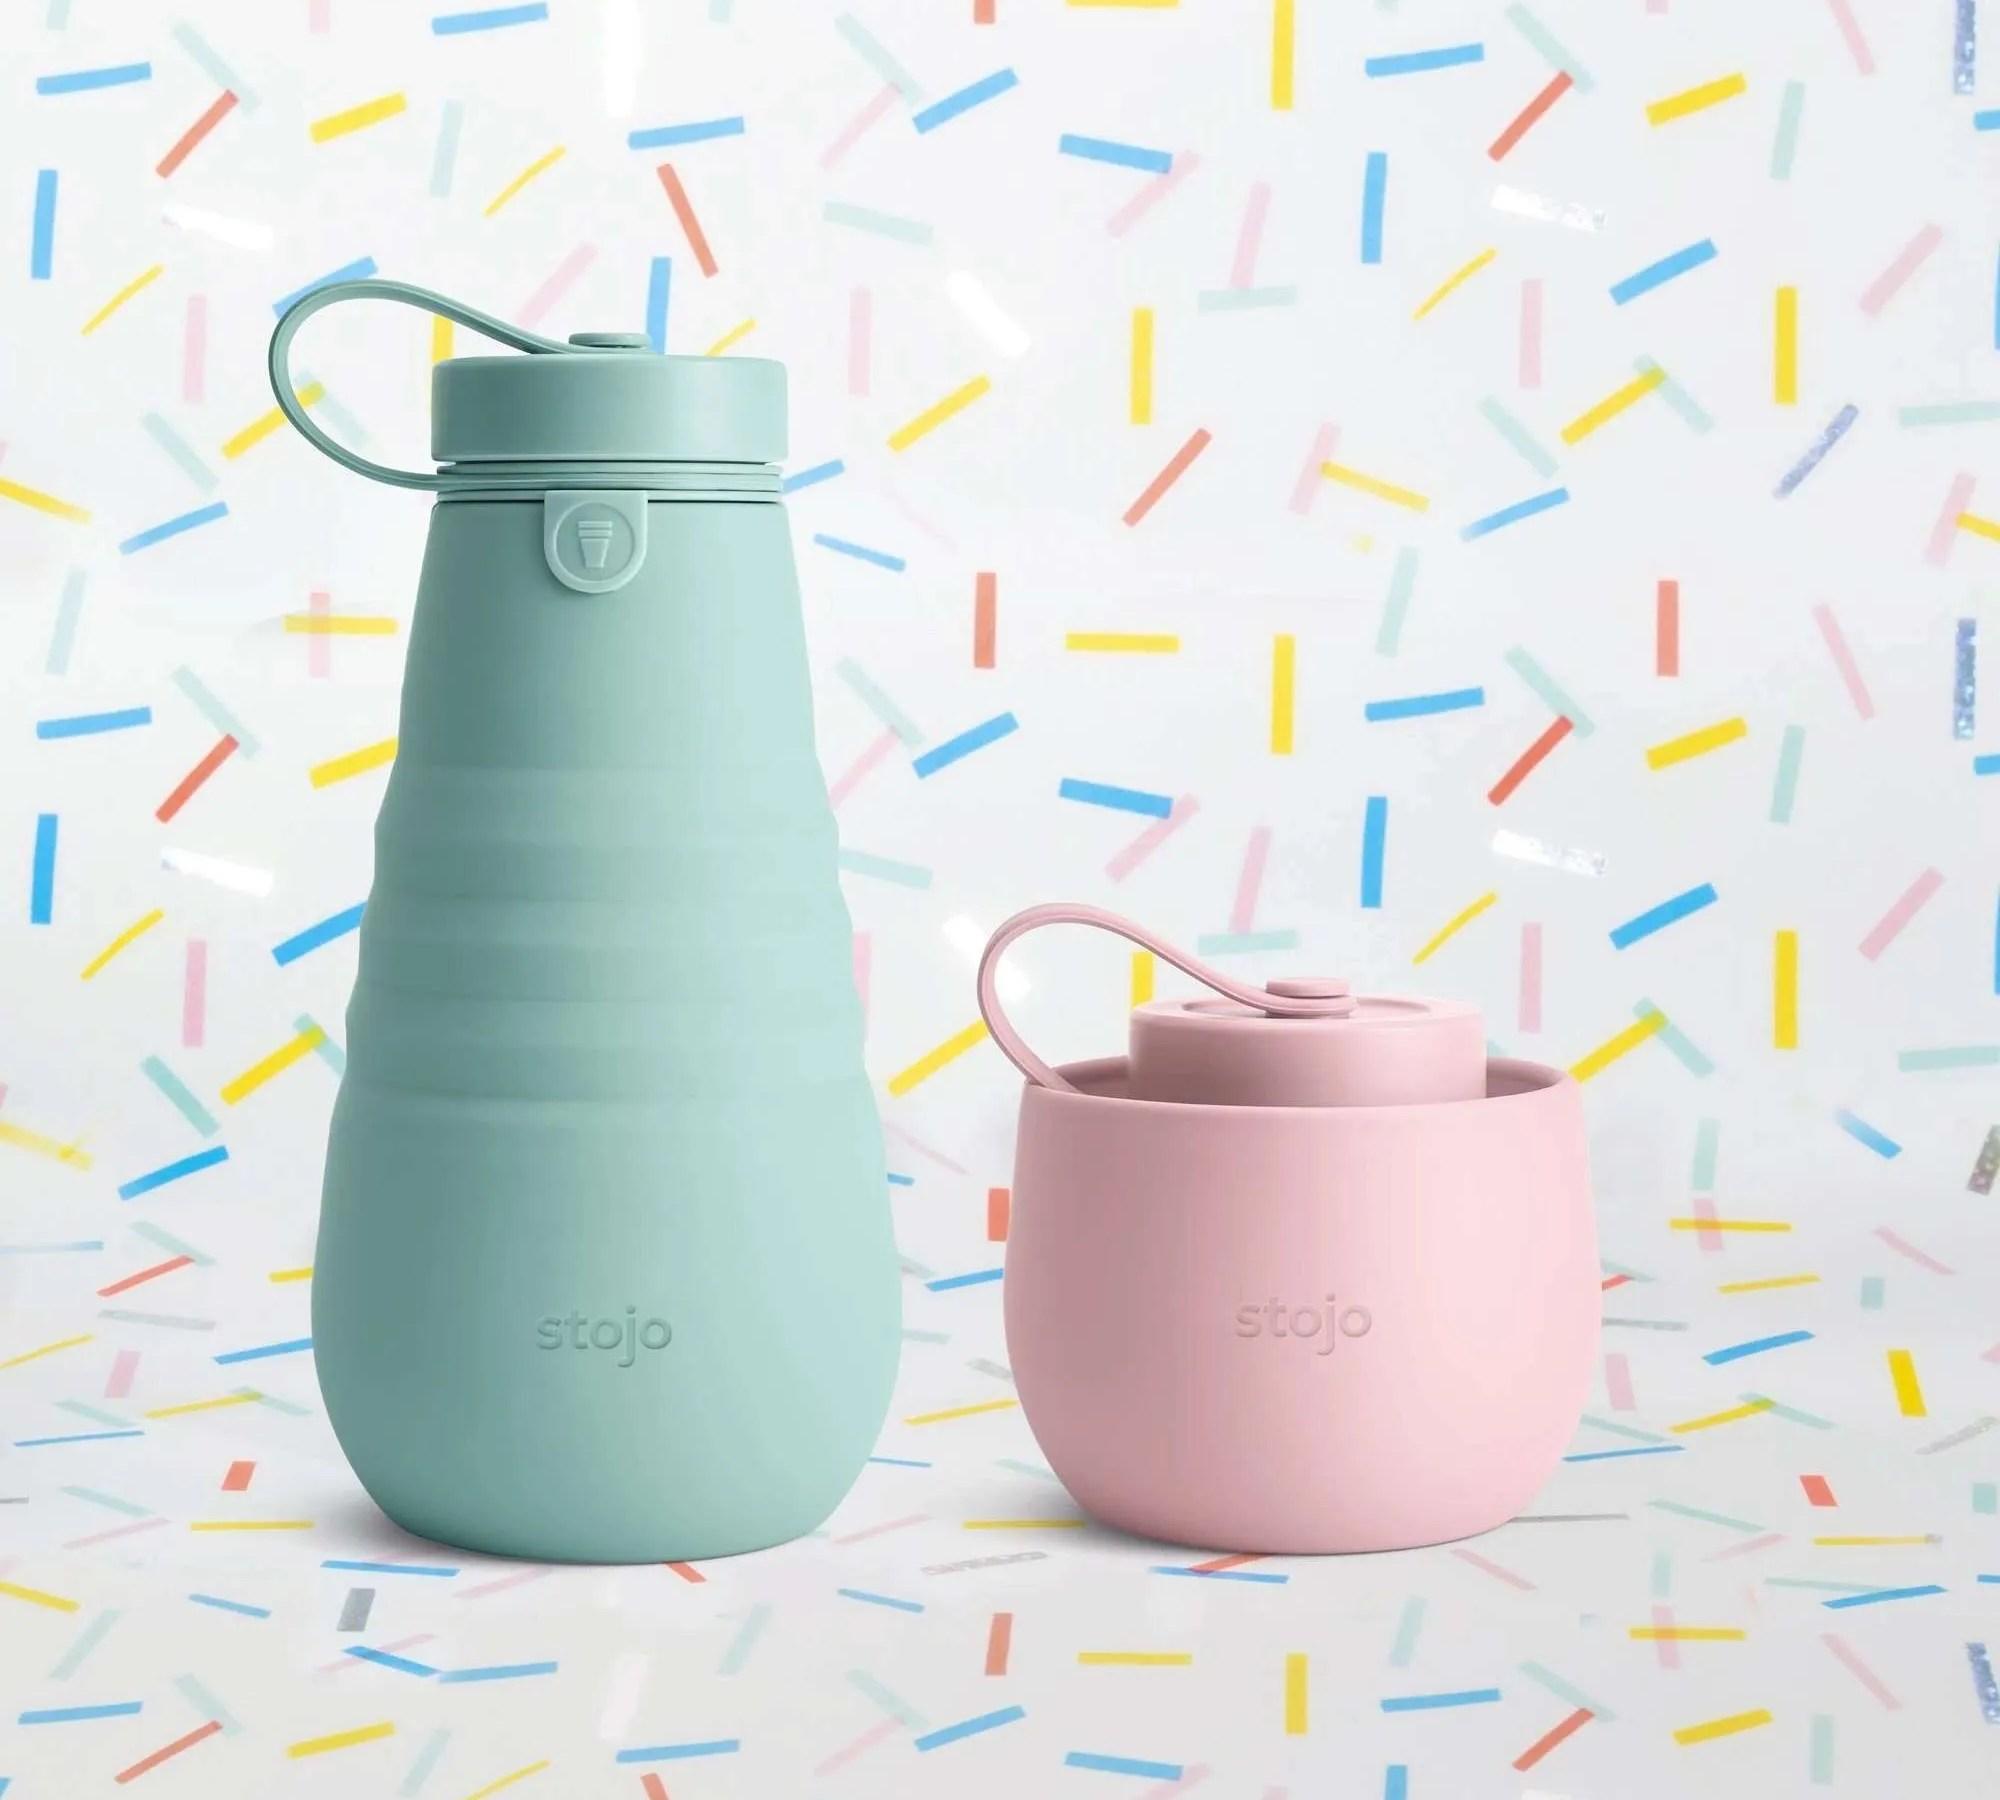 stojo cups